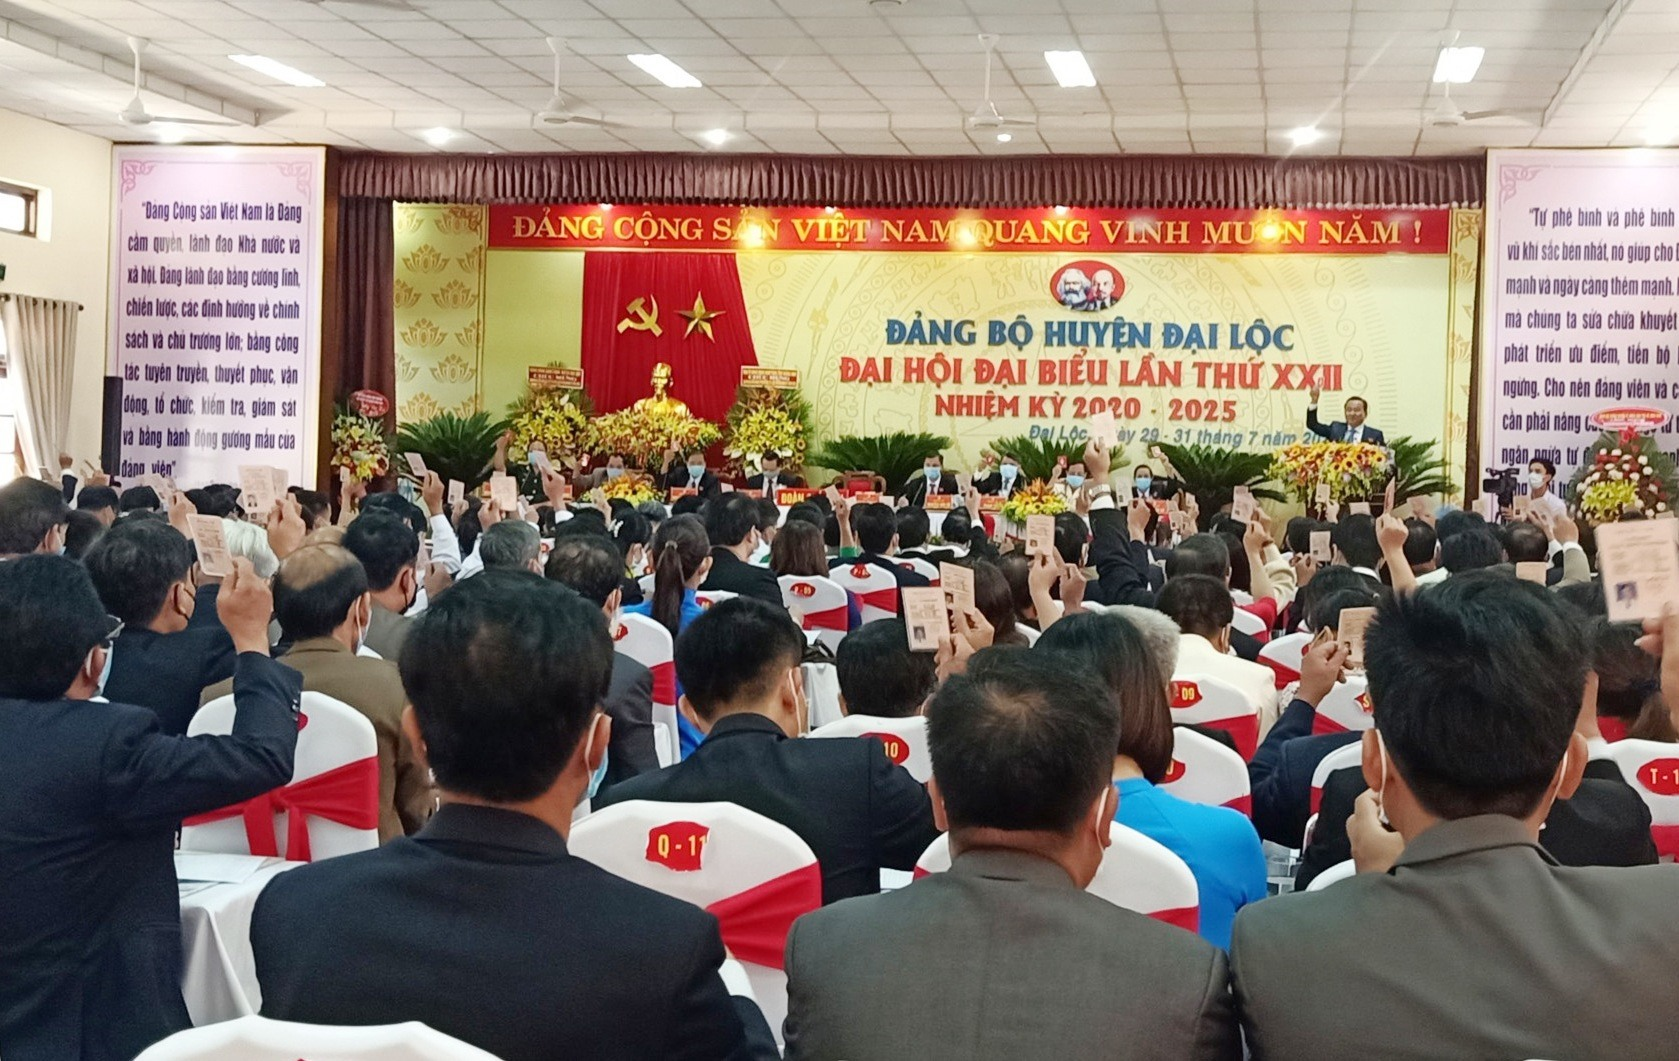 Ông Nguyễn Công Thanh tái đắc cử Bí thư Huyện ủy Đại Lộc